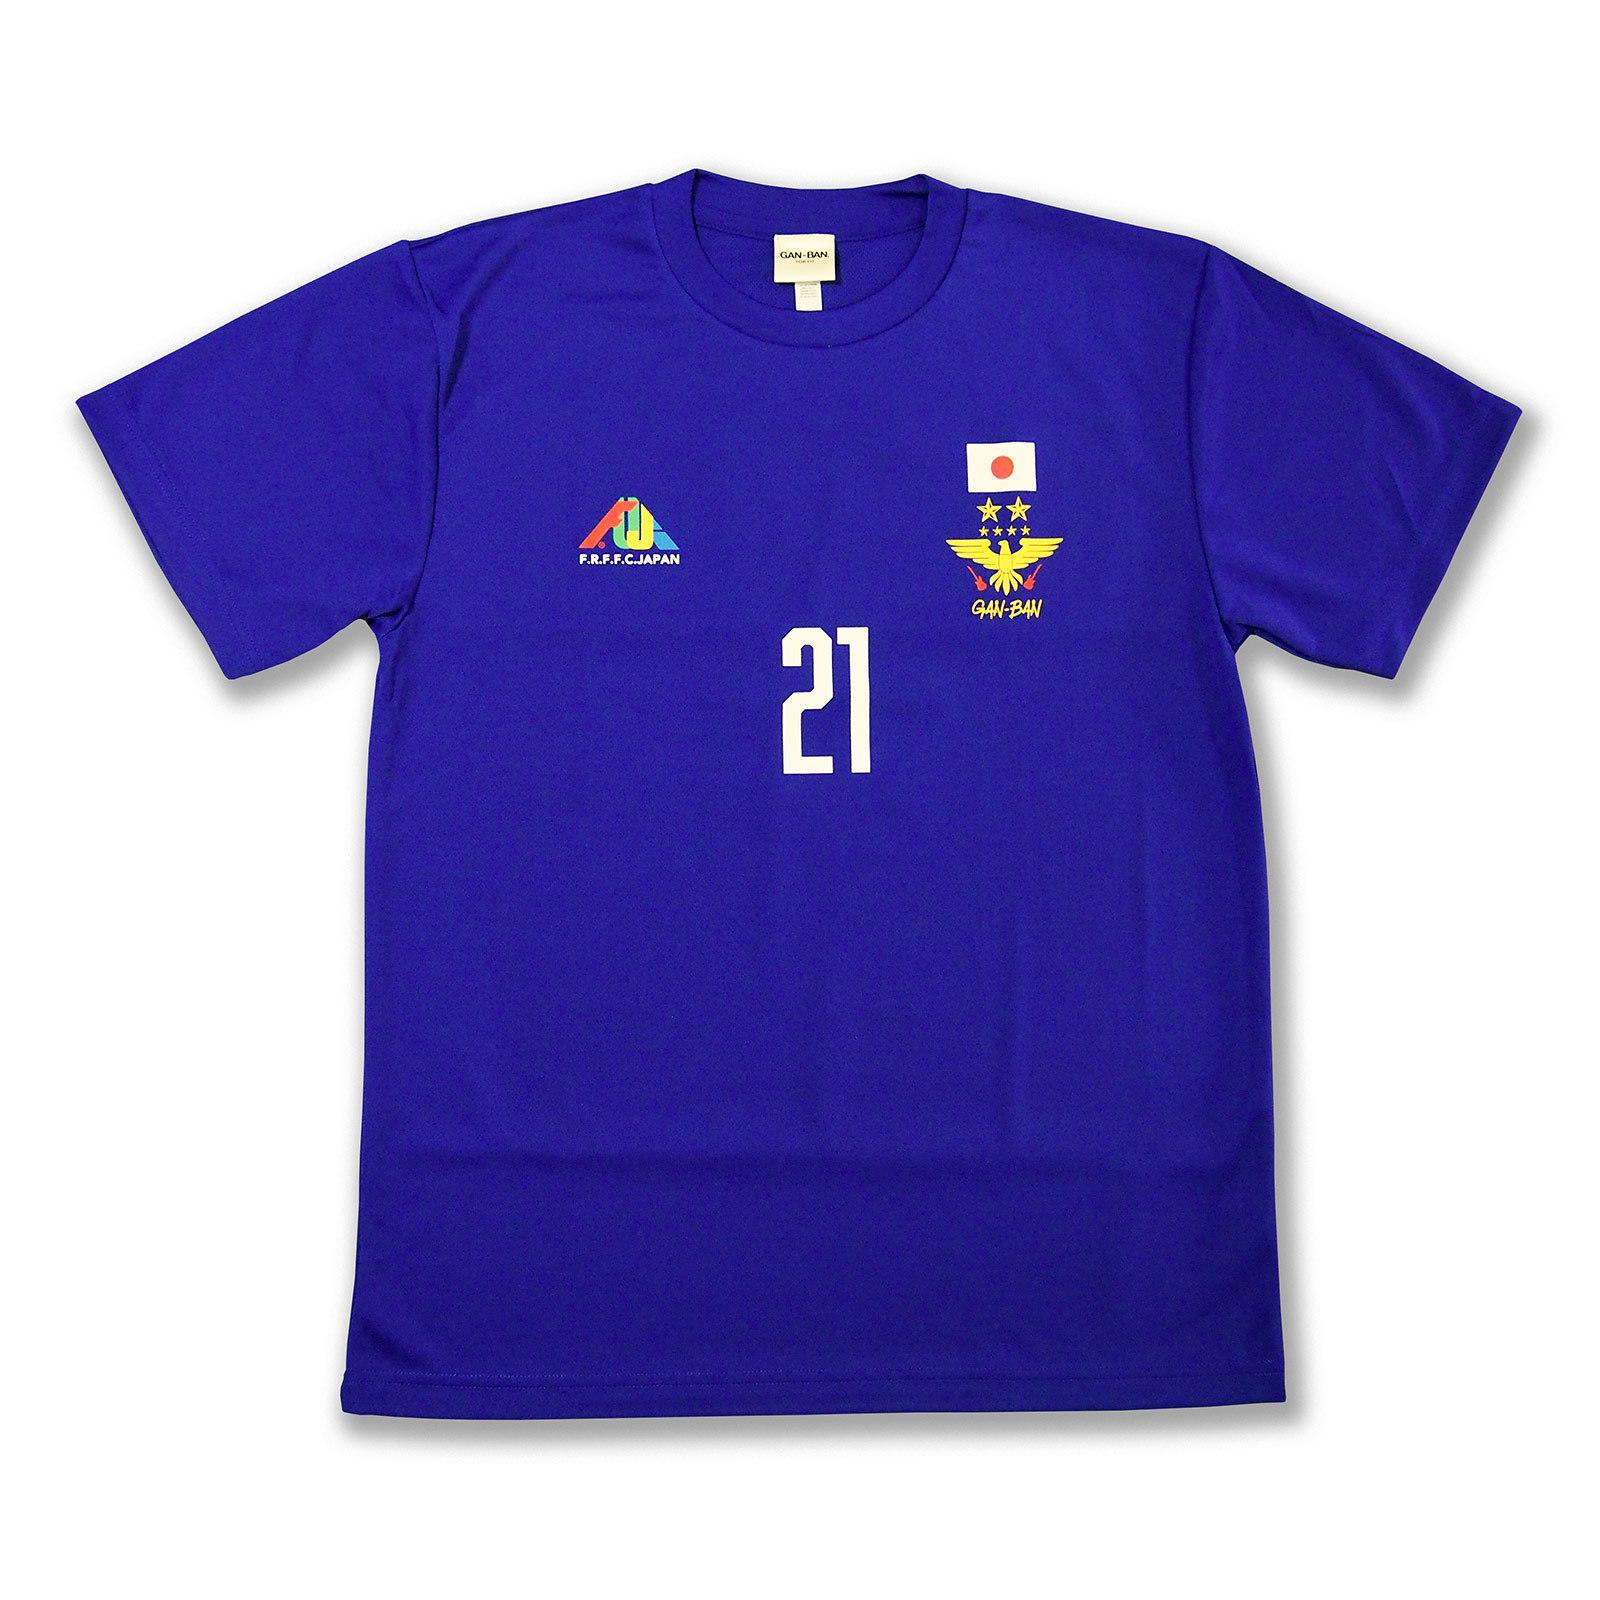 フジロック'21 × GAN-BAN サッカーTシャツ  3,850 円(税込)